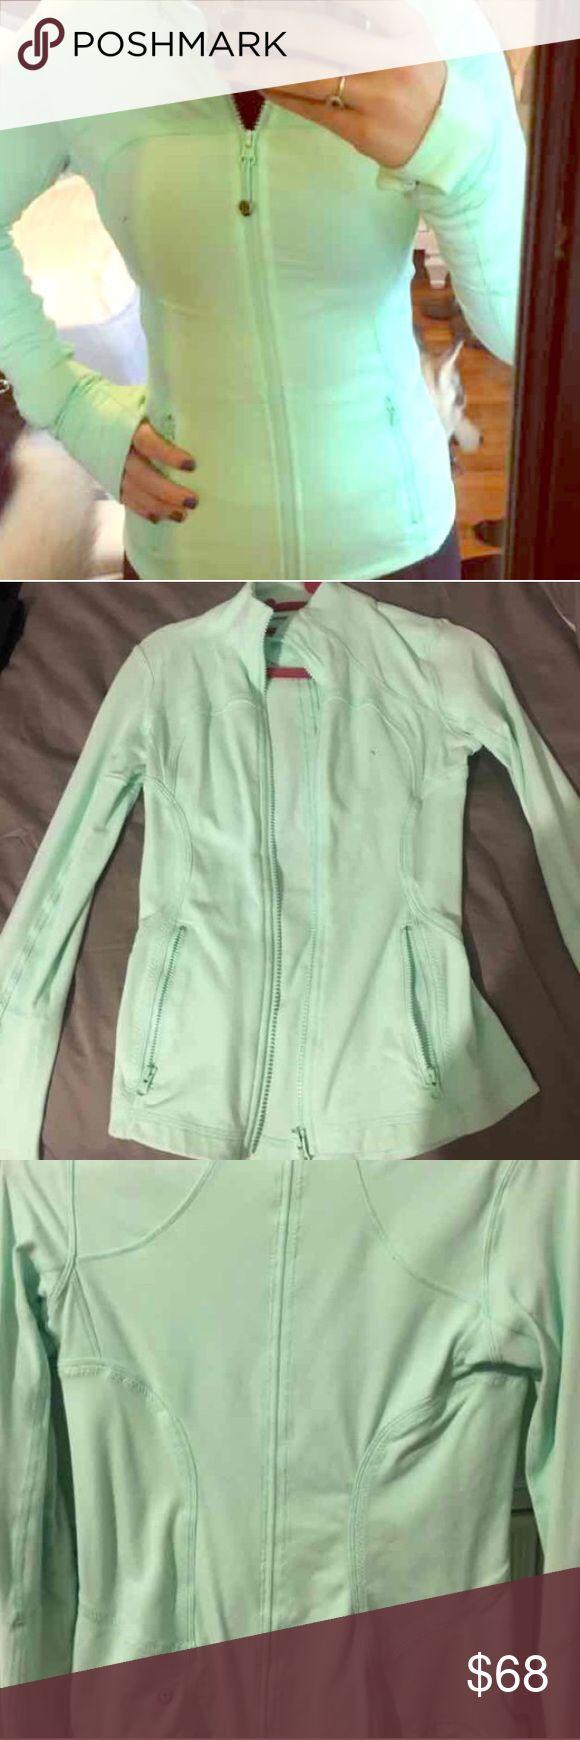 Lululemon Full Zip Mint Jacket Lululemon Full Zip Mint Jacket. Perfect Condition size 2 lululemon athletica Jackets & Coats